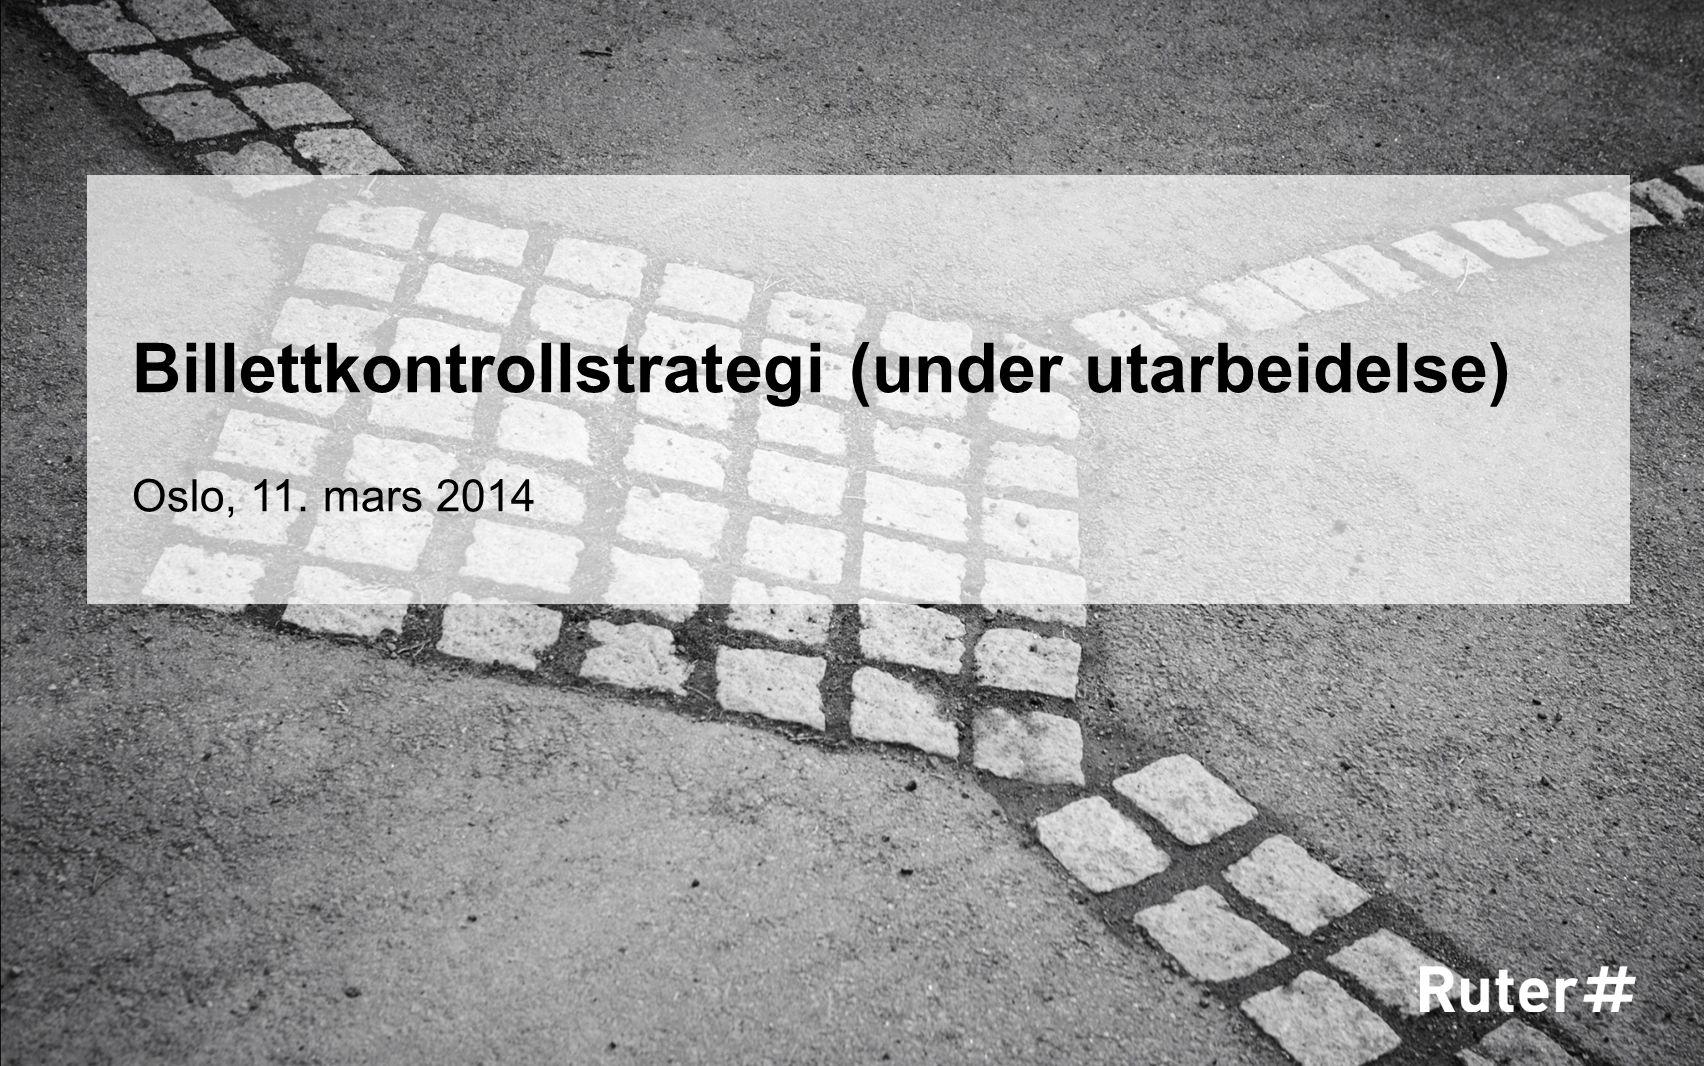 Billettkontrollstrategi (under utarbeidelse) Oslo, 11. mars 2014